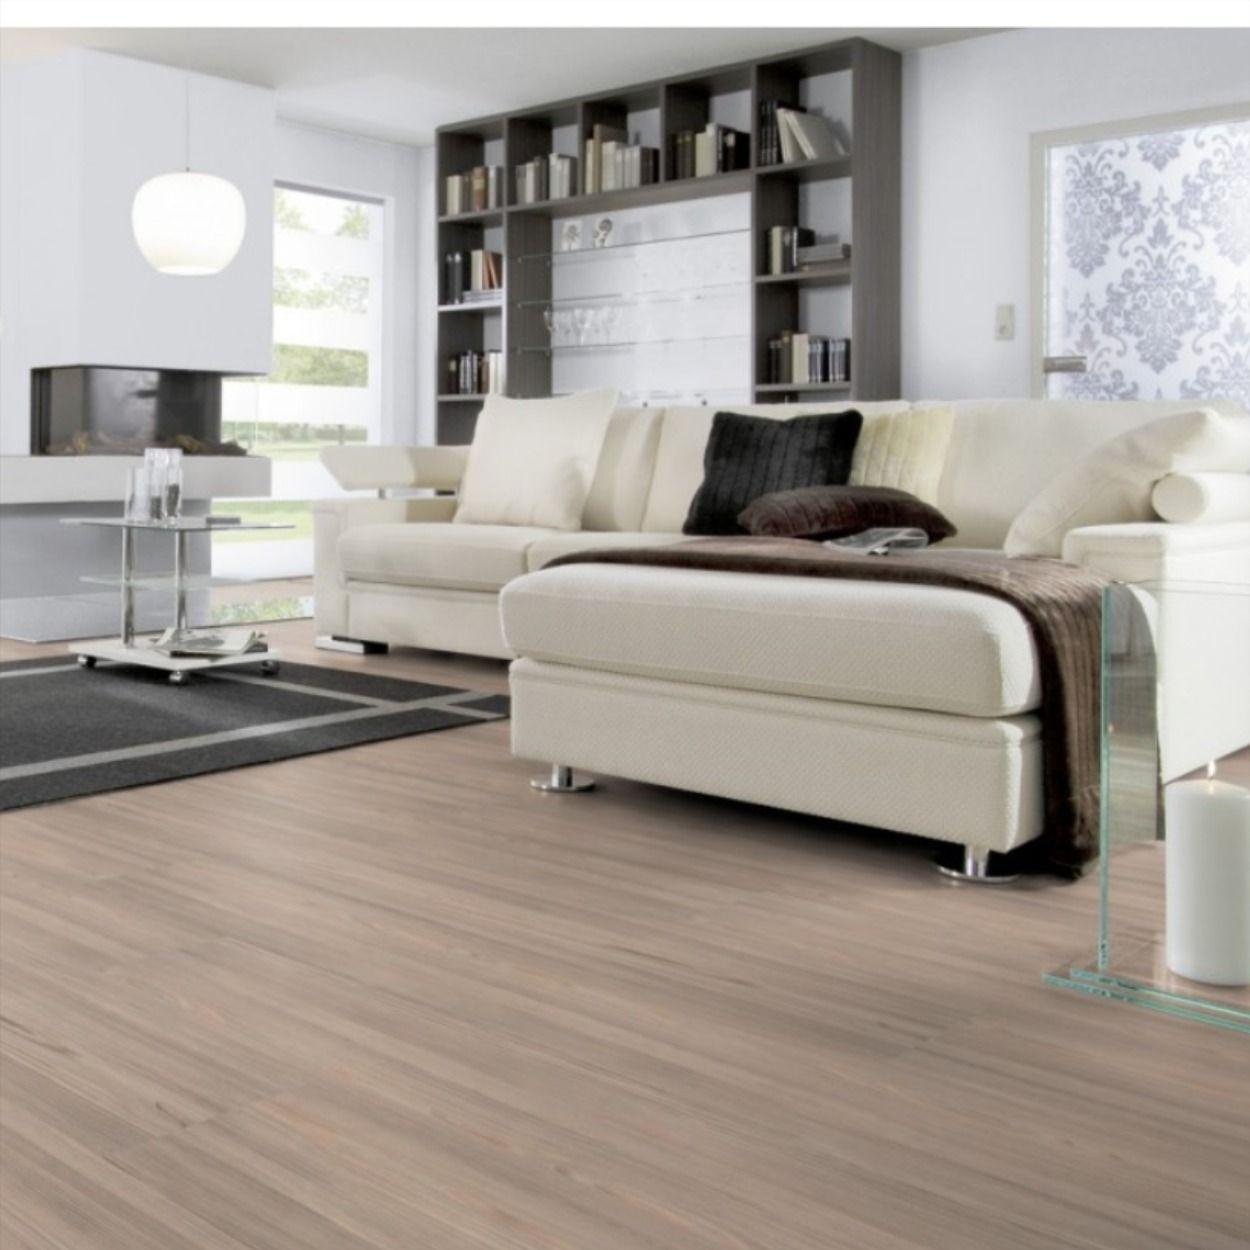 Wineo 1000 Wood Pl050r Nordic Pine Modern Klebevinyl In 2020 Wohnung Wohnzimmer Wohnzimmer Design Leben Auf Kleinem Raum